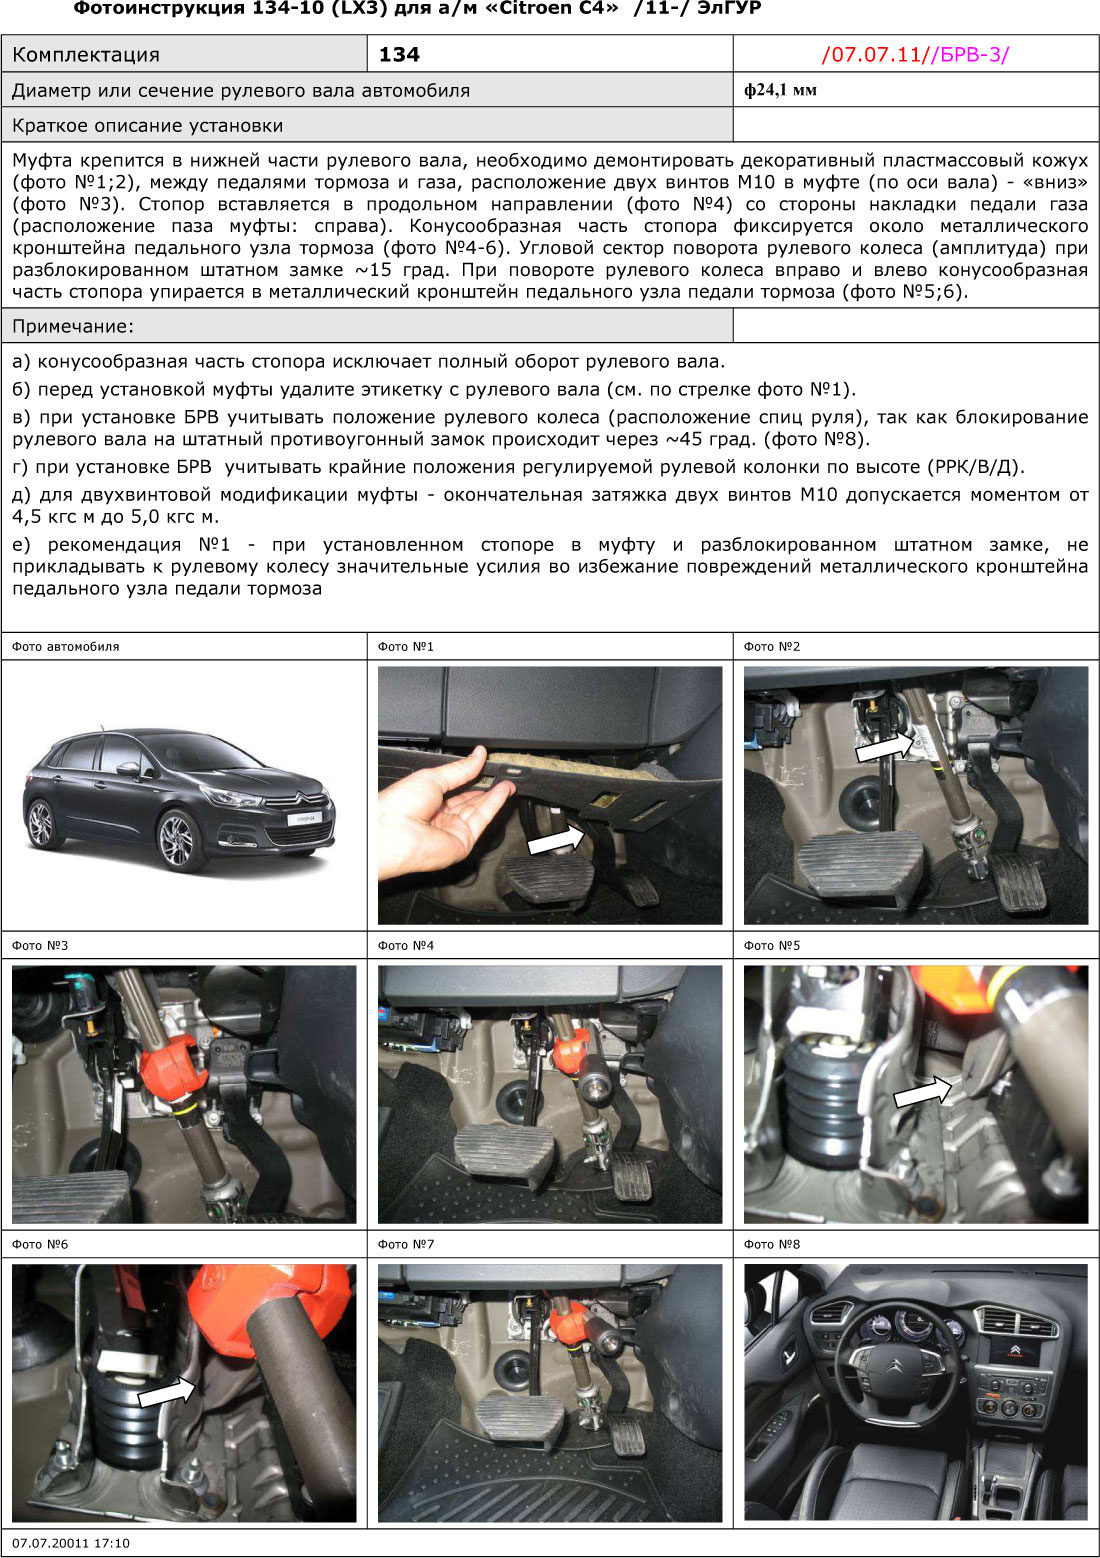 Блокиратор рулевого вала для CITROEN C4 /2011-/ ГУР - Гарант Блок Люкс 134.E